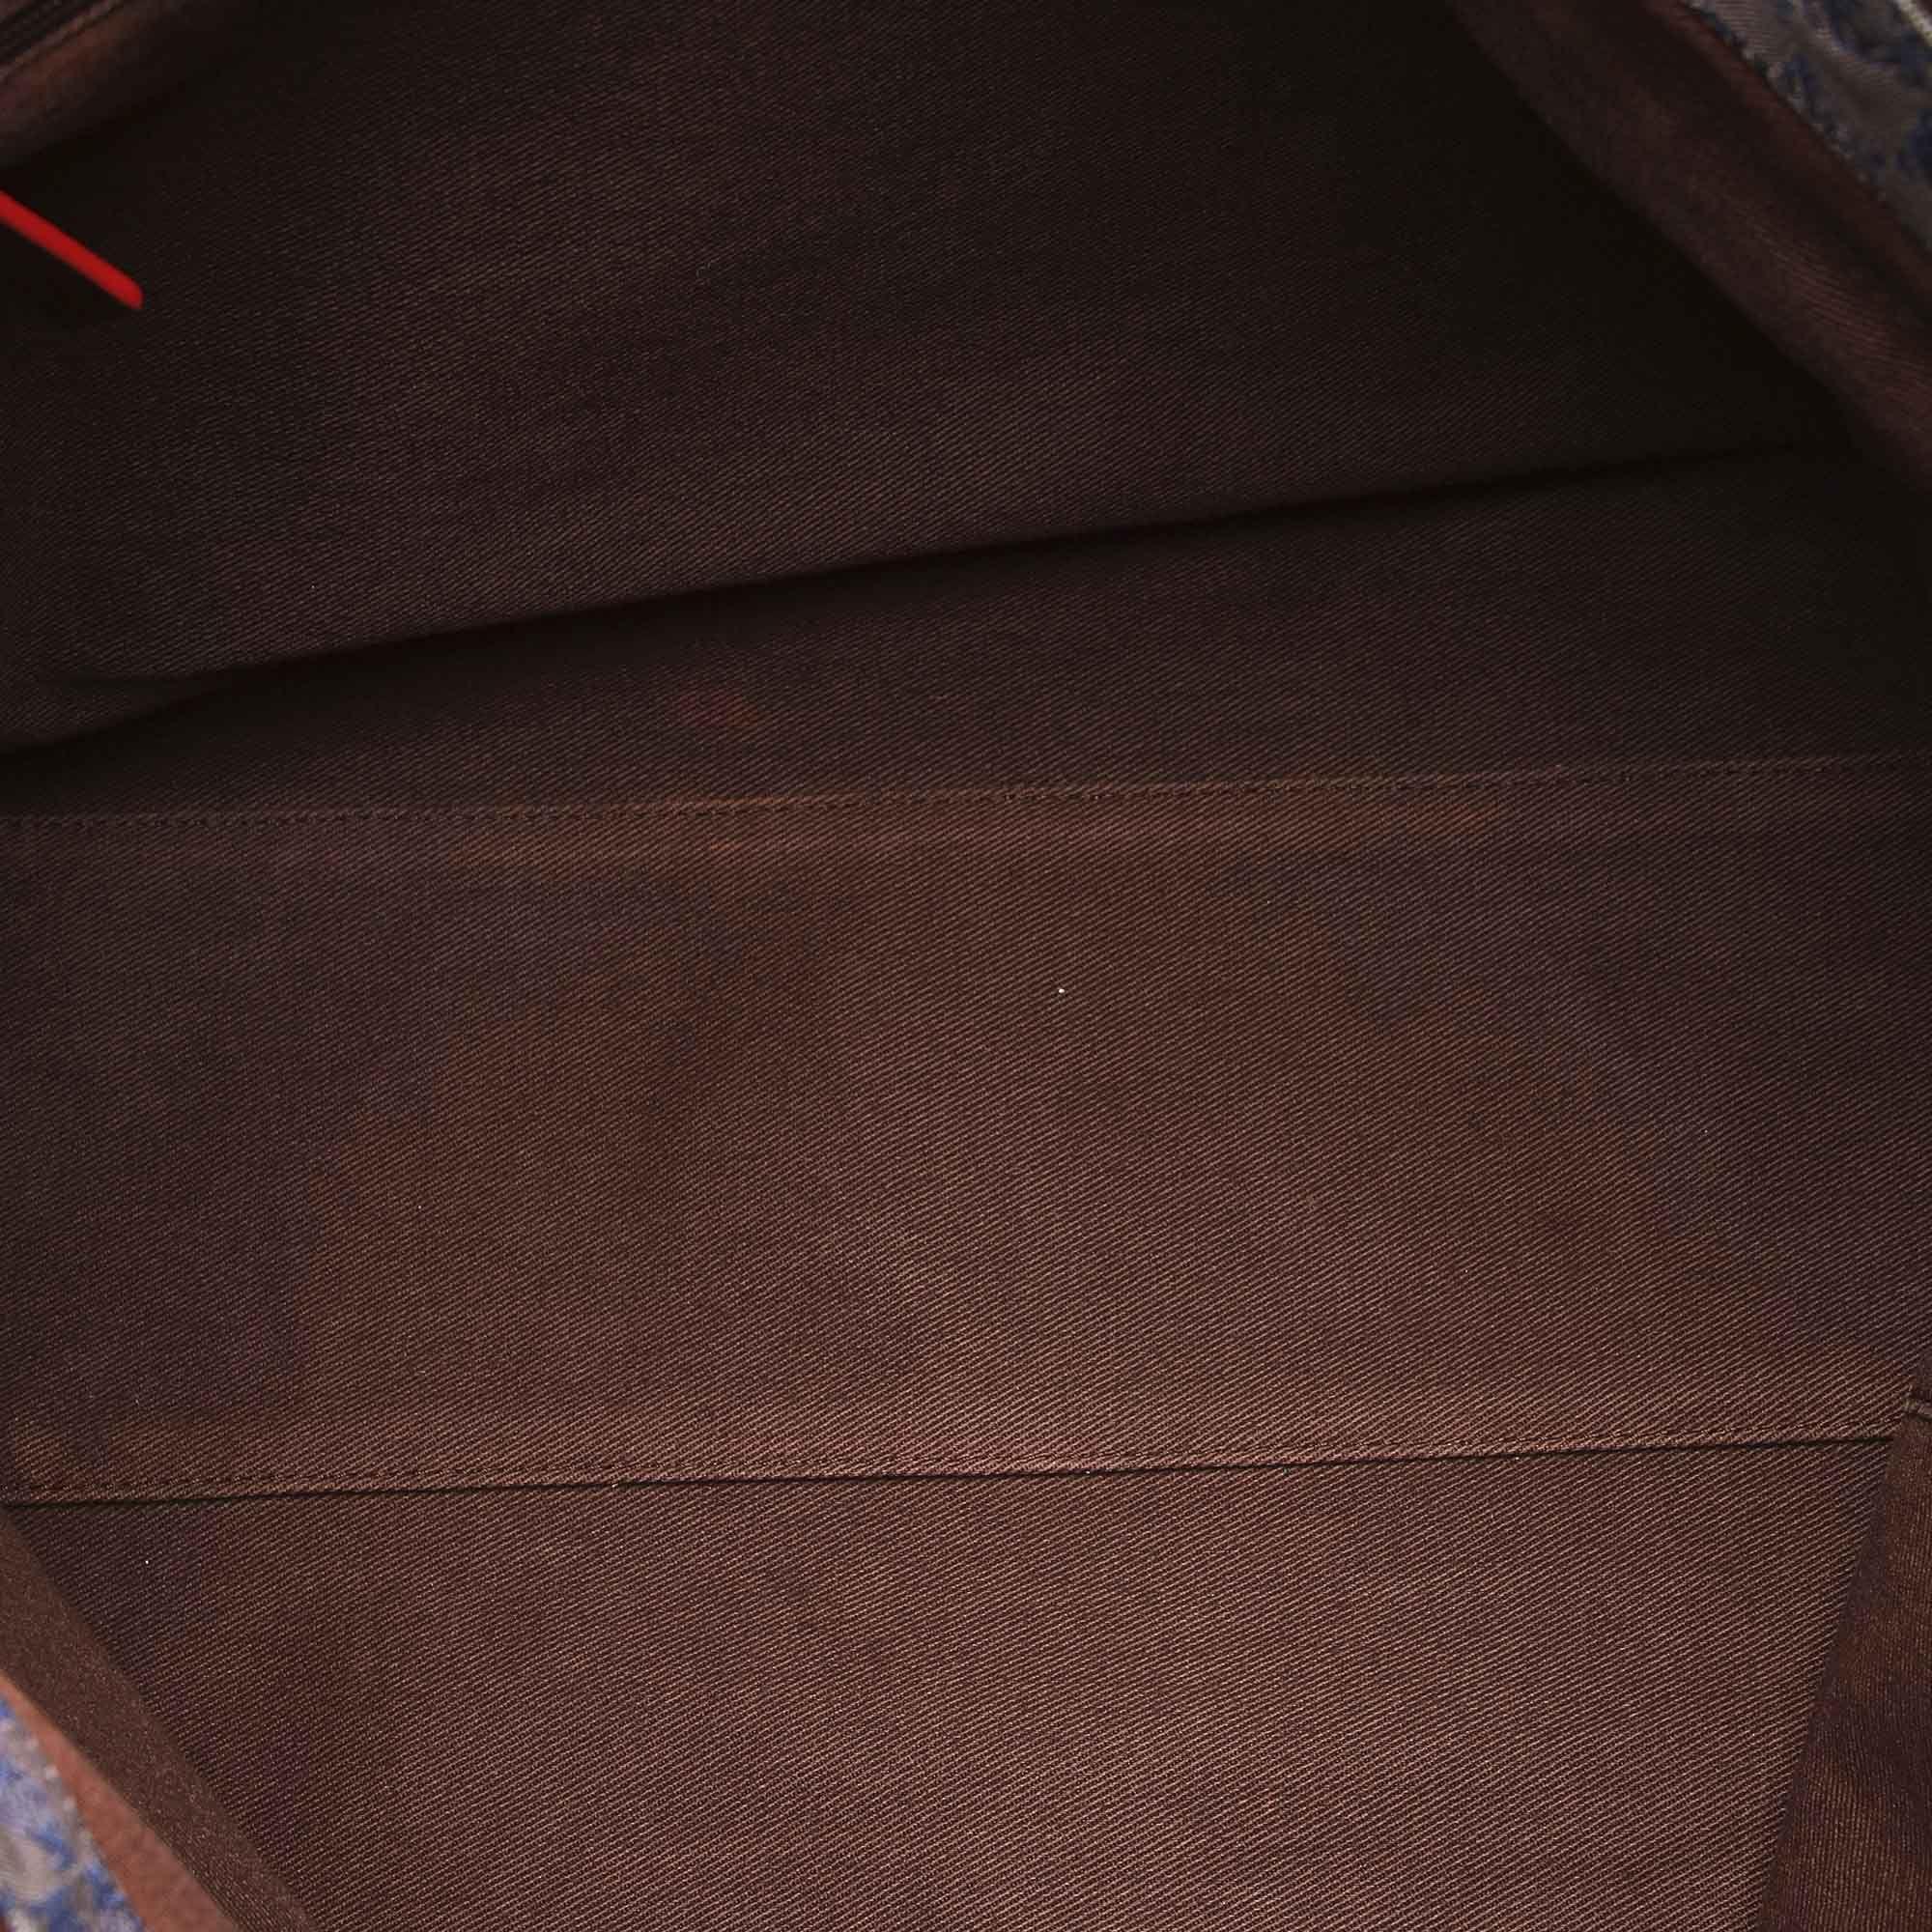 Vintage Loewe Anagram Canvas Shoulder Bag Black